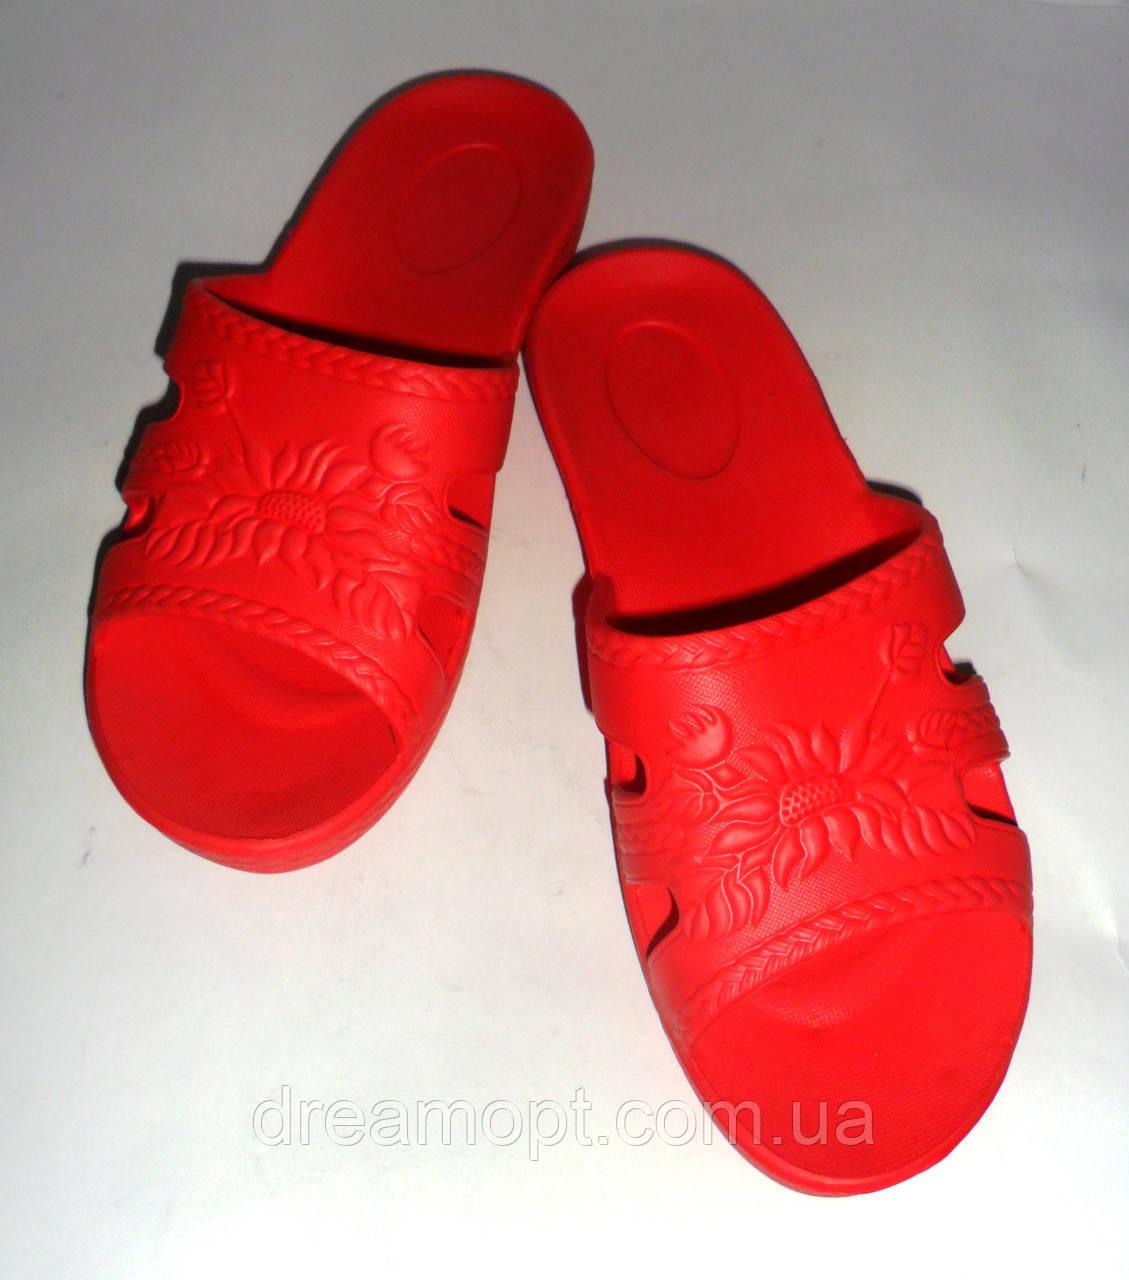 Женские шлепанцы ЕВА 21 модель(красные)